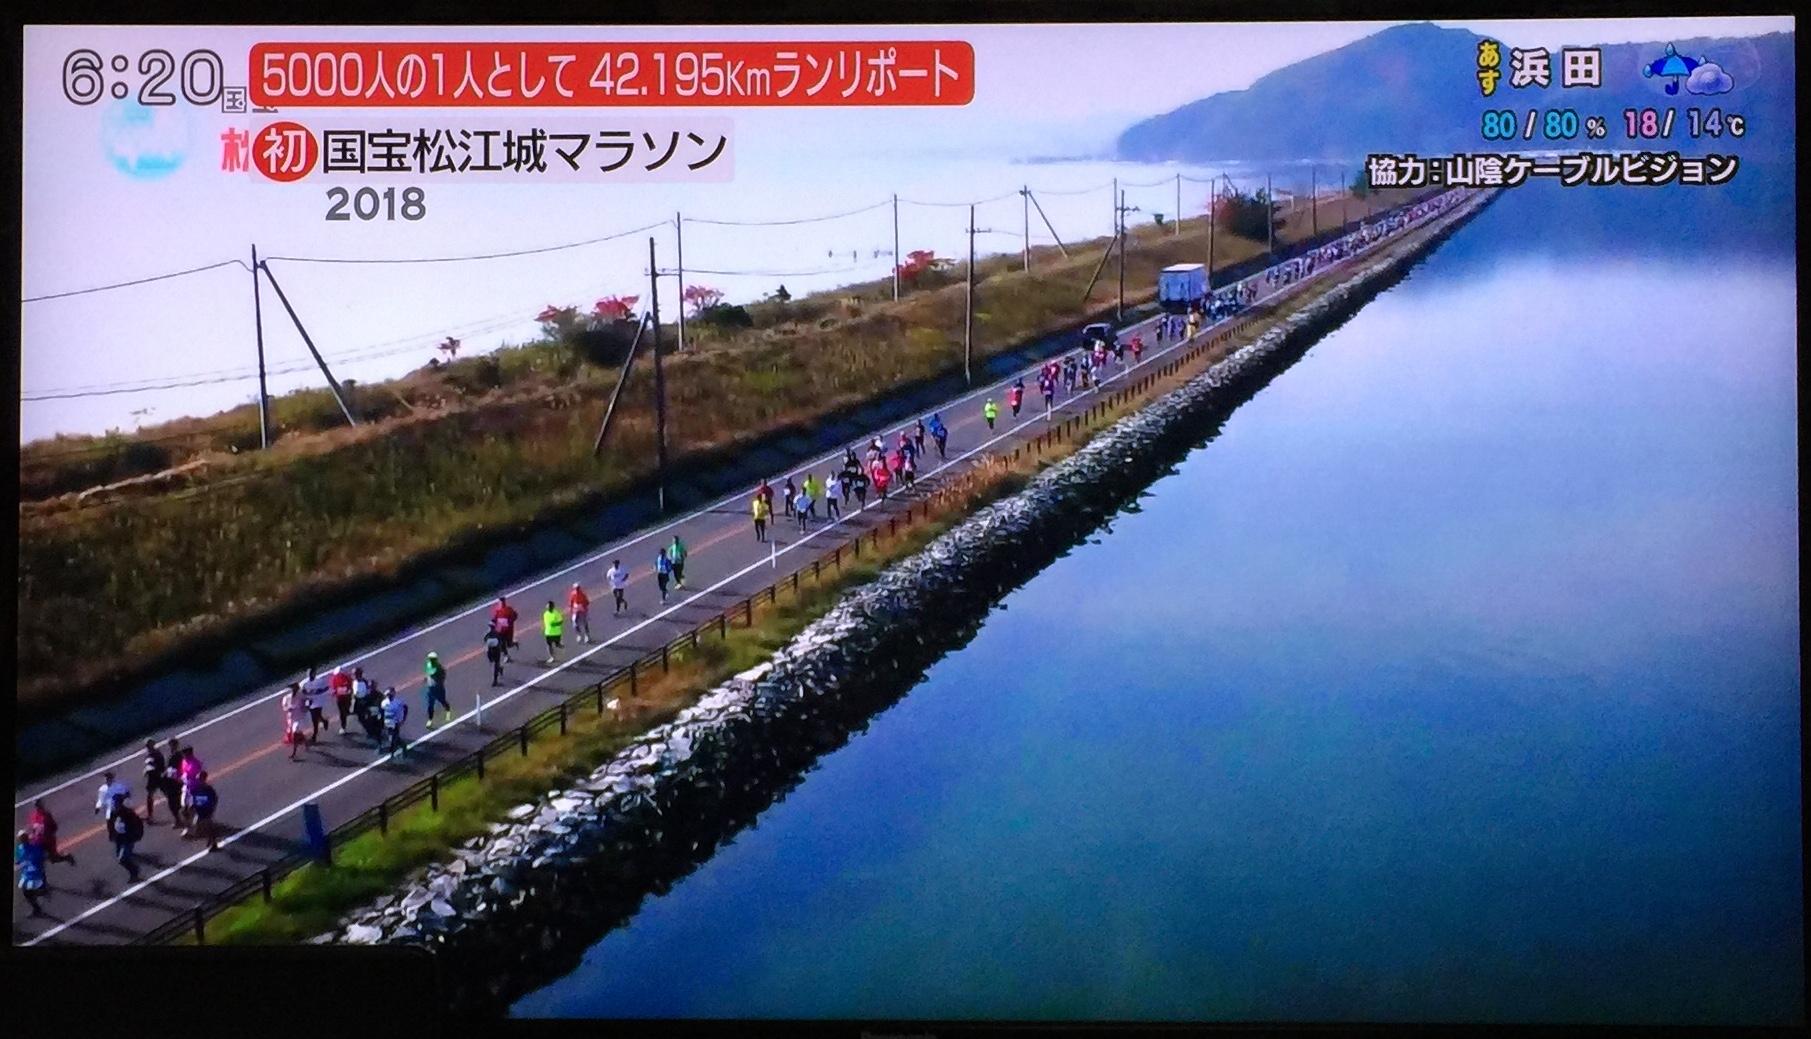 松江城マラソン ニュース 画像